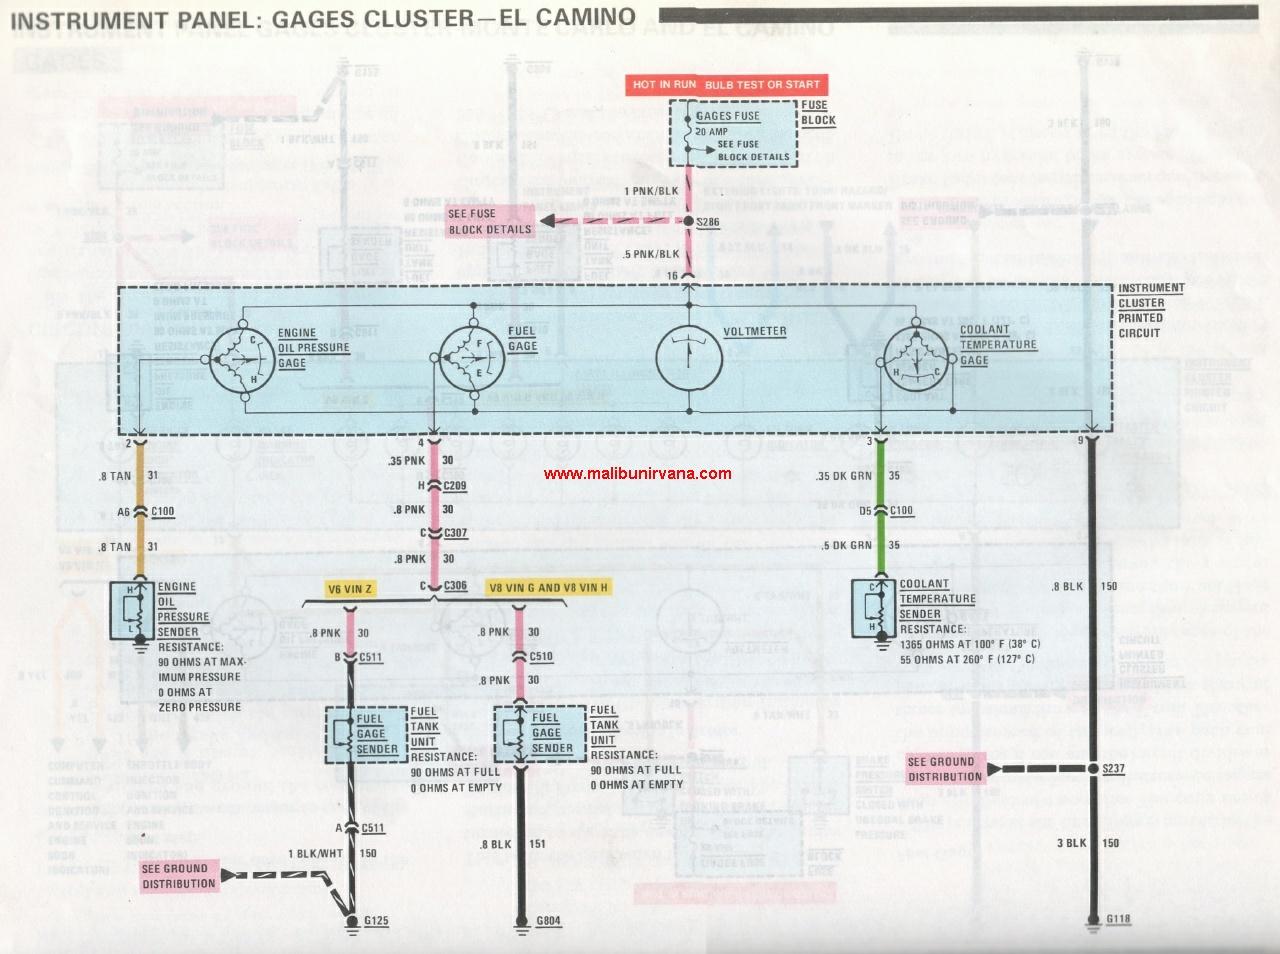 el camino wiring diagram oe 8524  1974 el camino fuse box 1970 el camino wiring diagram oe 8524  1974 el camino fuse box